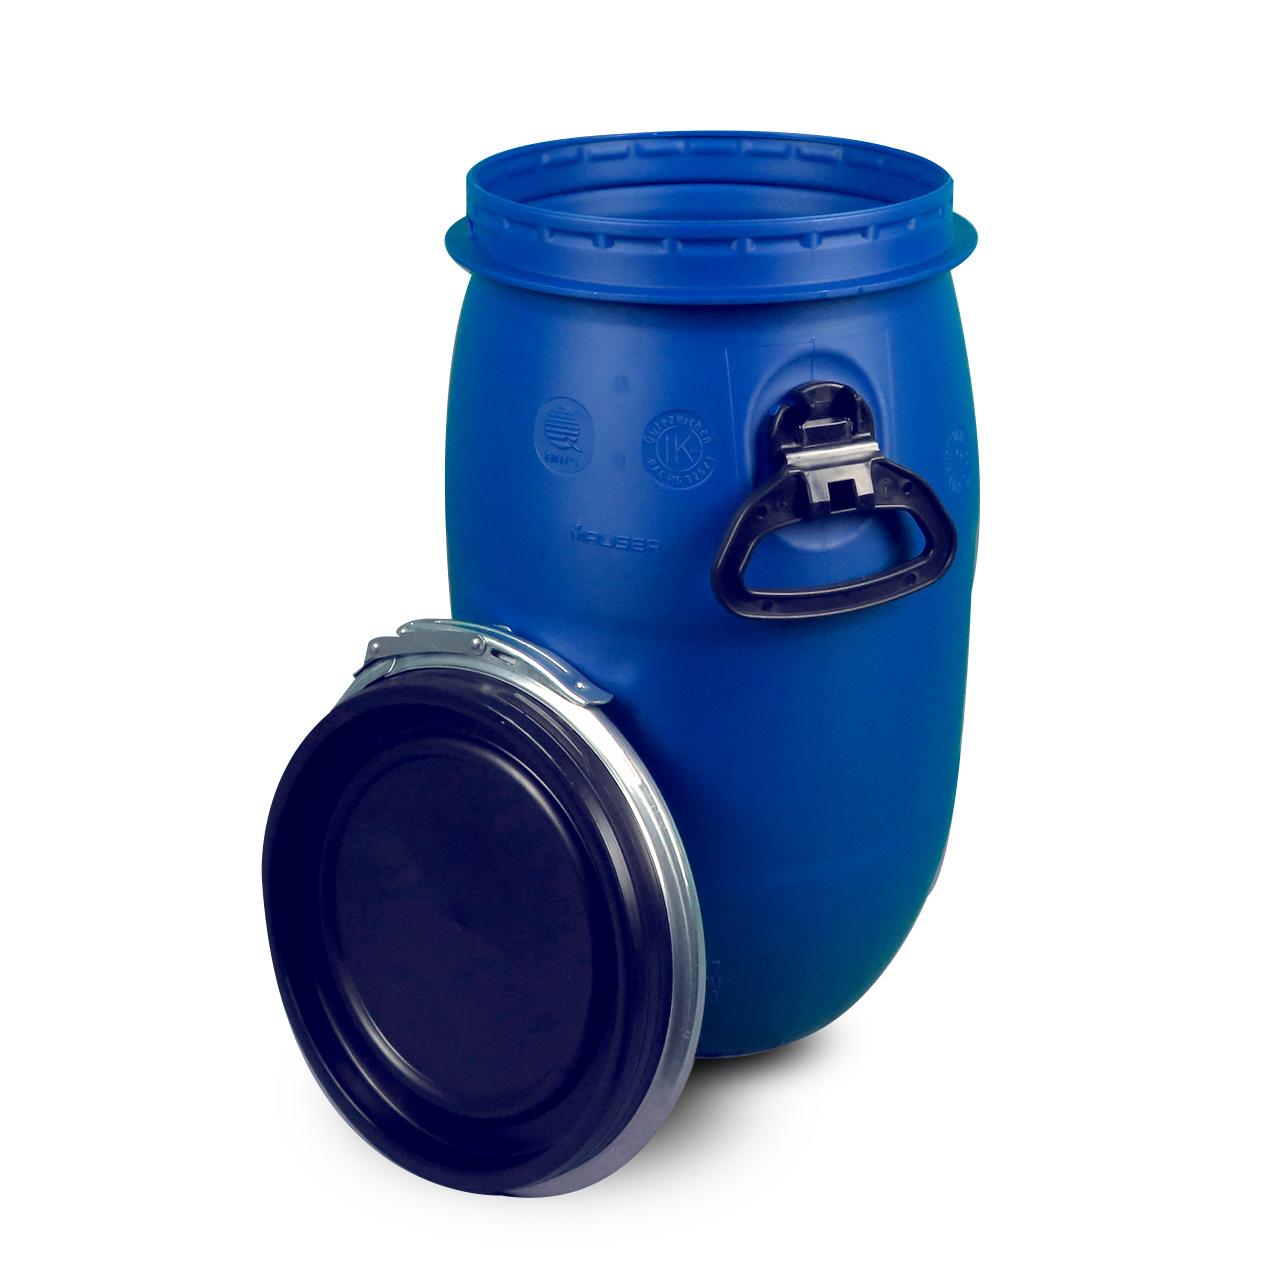 30 L Kunststoffdeckelfass, blau, lebensmittelecht, MAUSER, UN